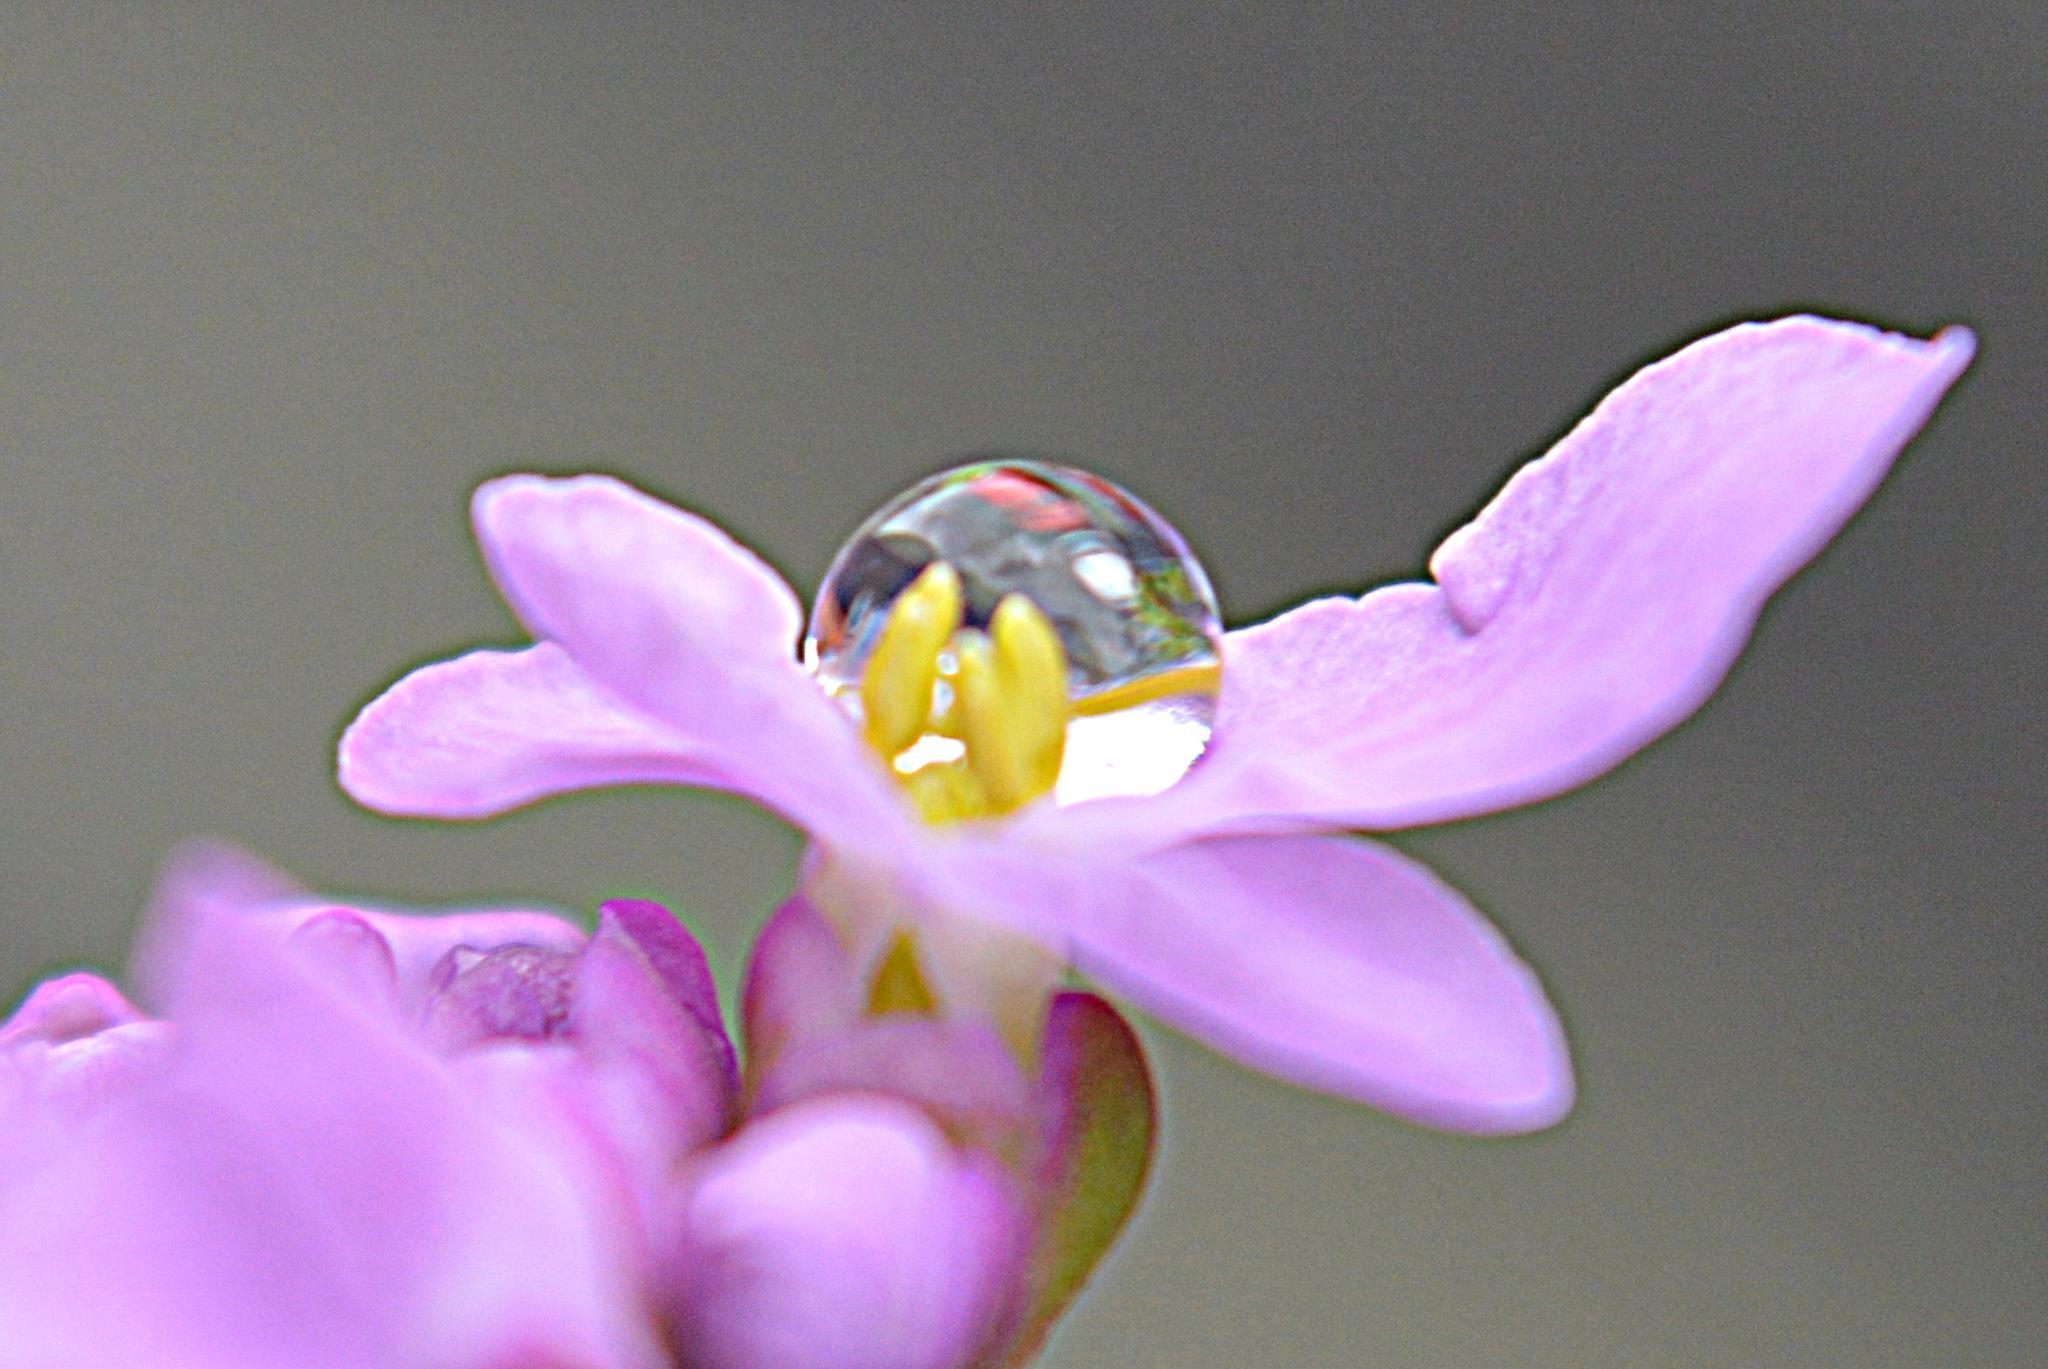 Water drop on flower petal by Luc Vansilliette